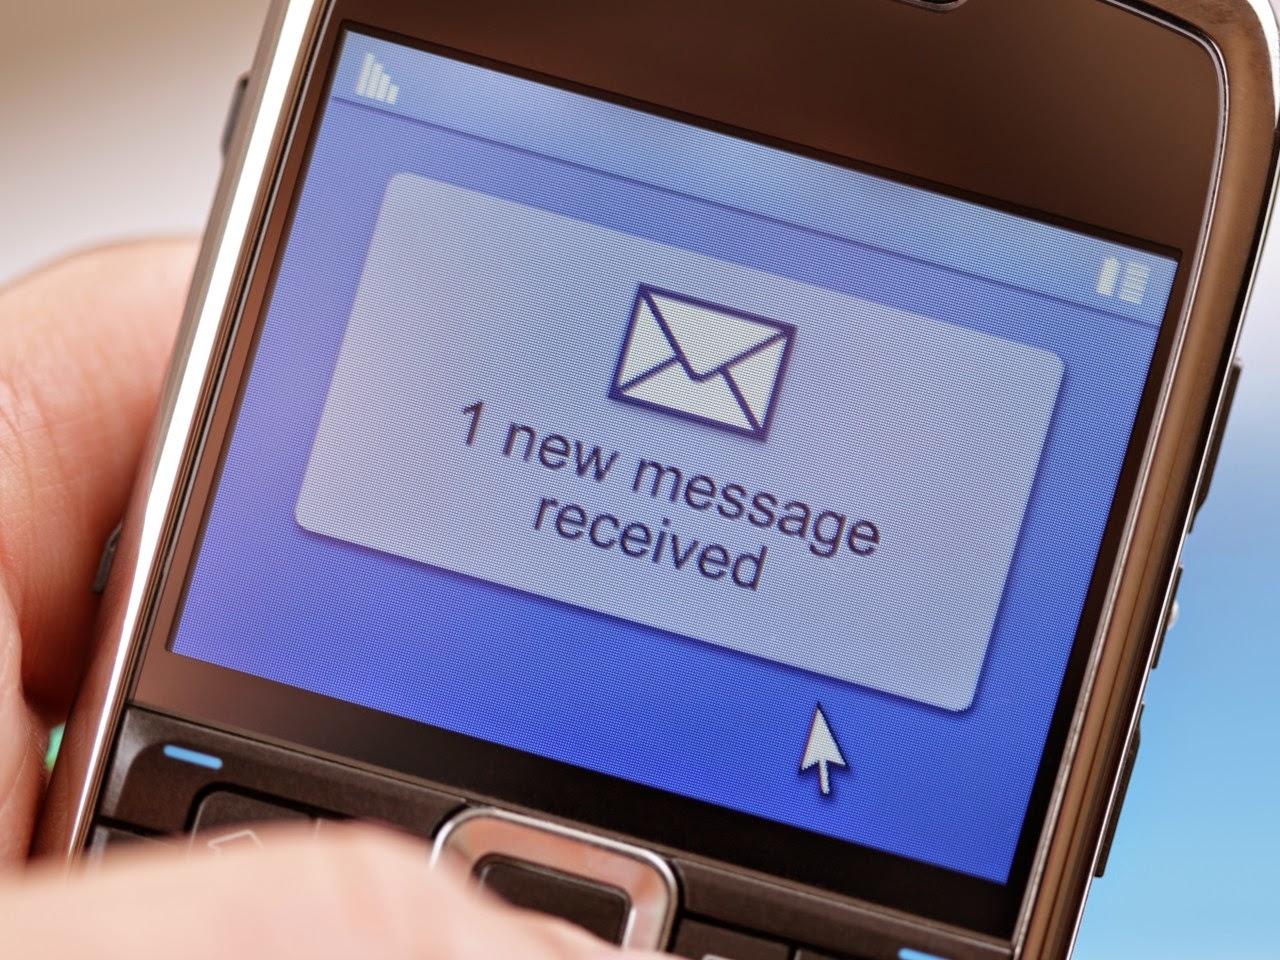 SMS Blague drôle